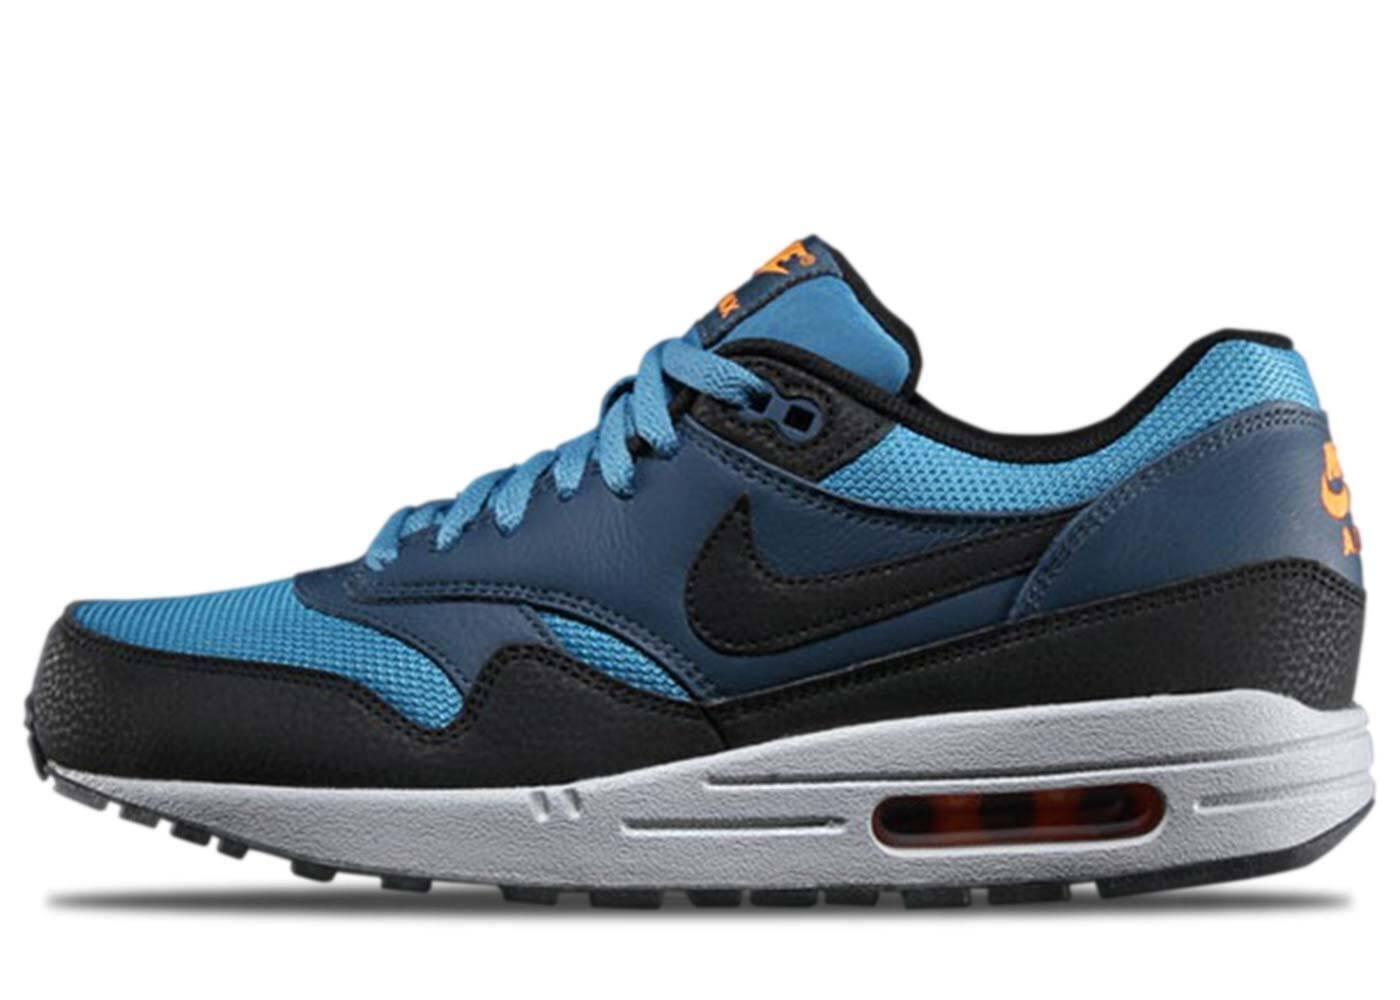 Nike Air Max 1 Stratus Blueの写真